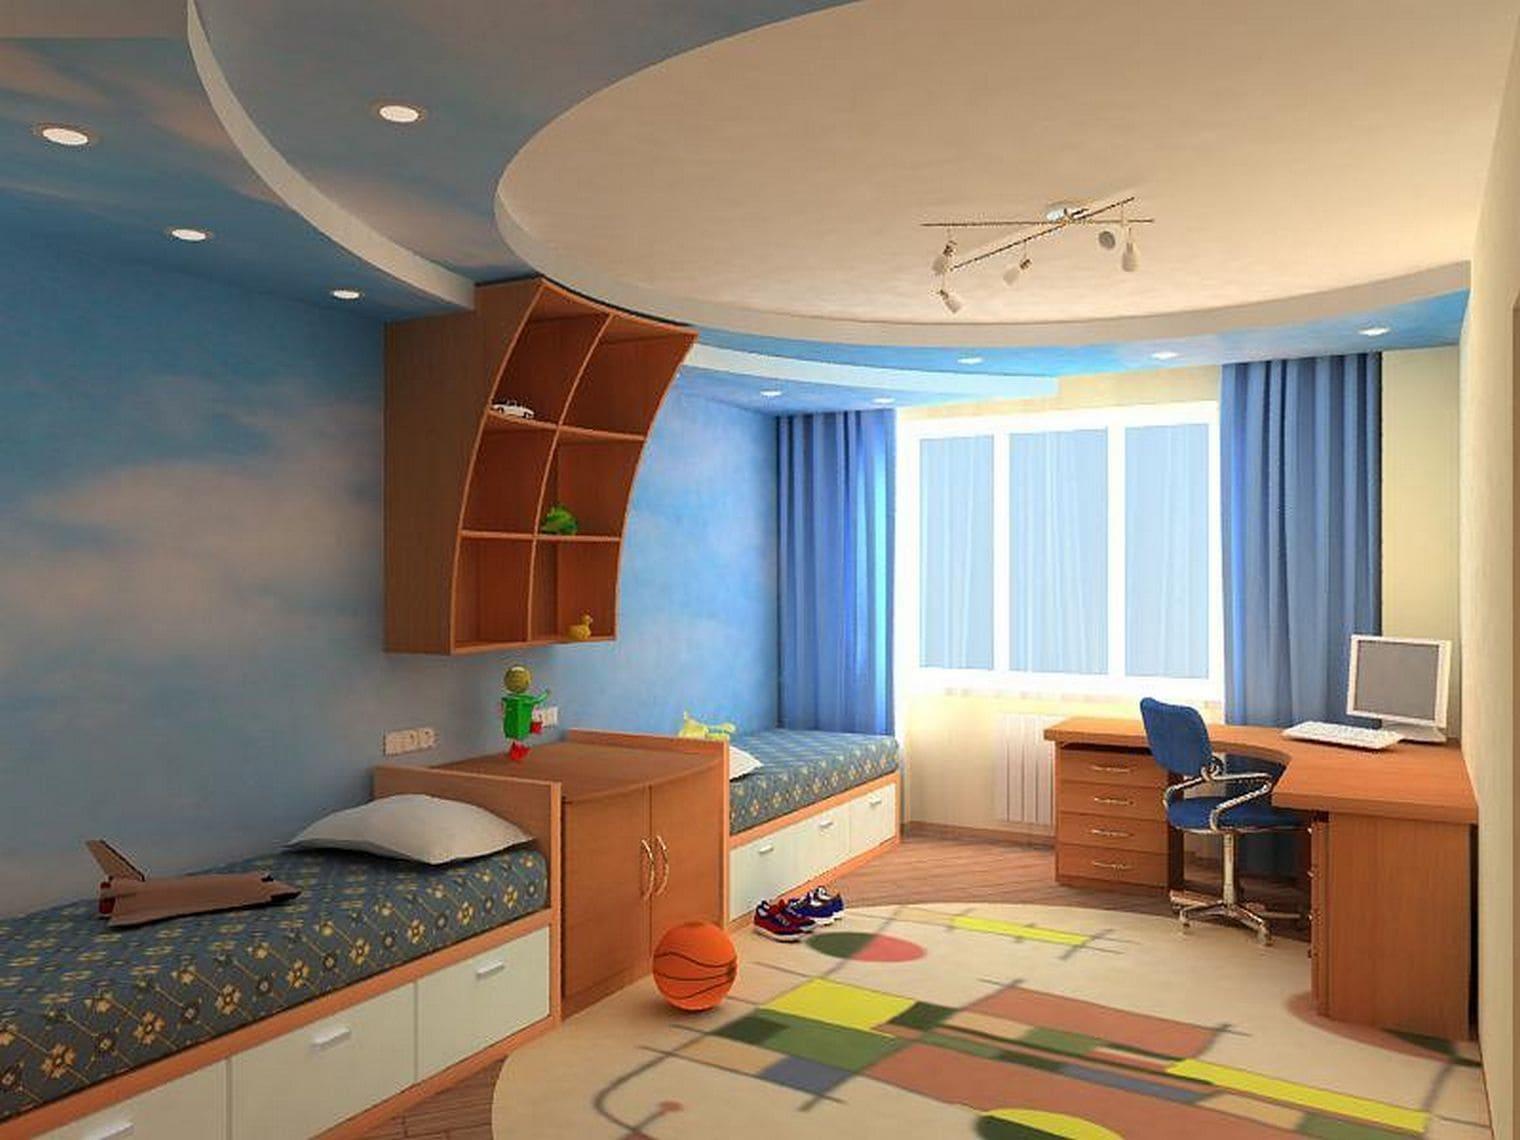 Декоративная штукатурка - лучшие красивые варианты отделки стен в интерьере 175